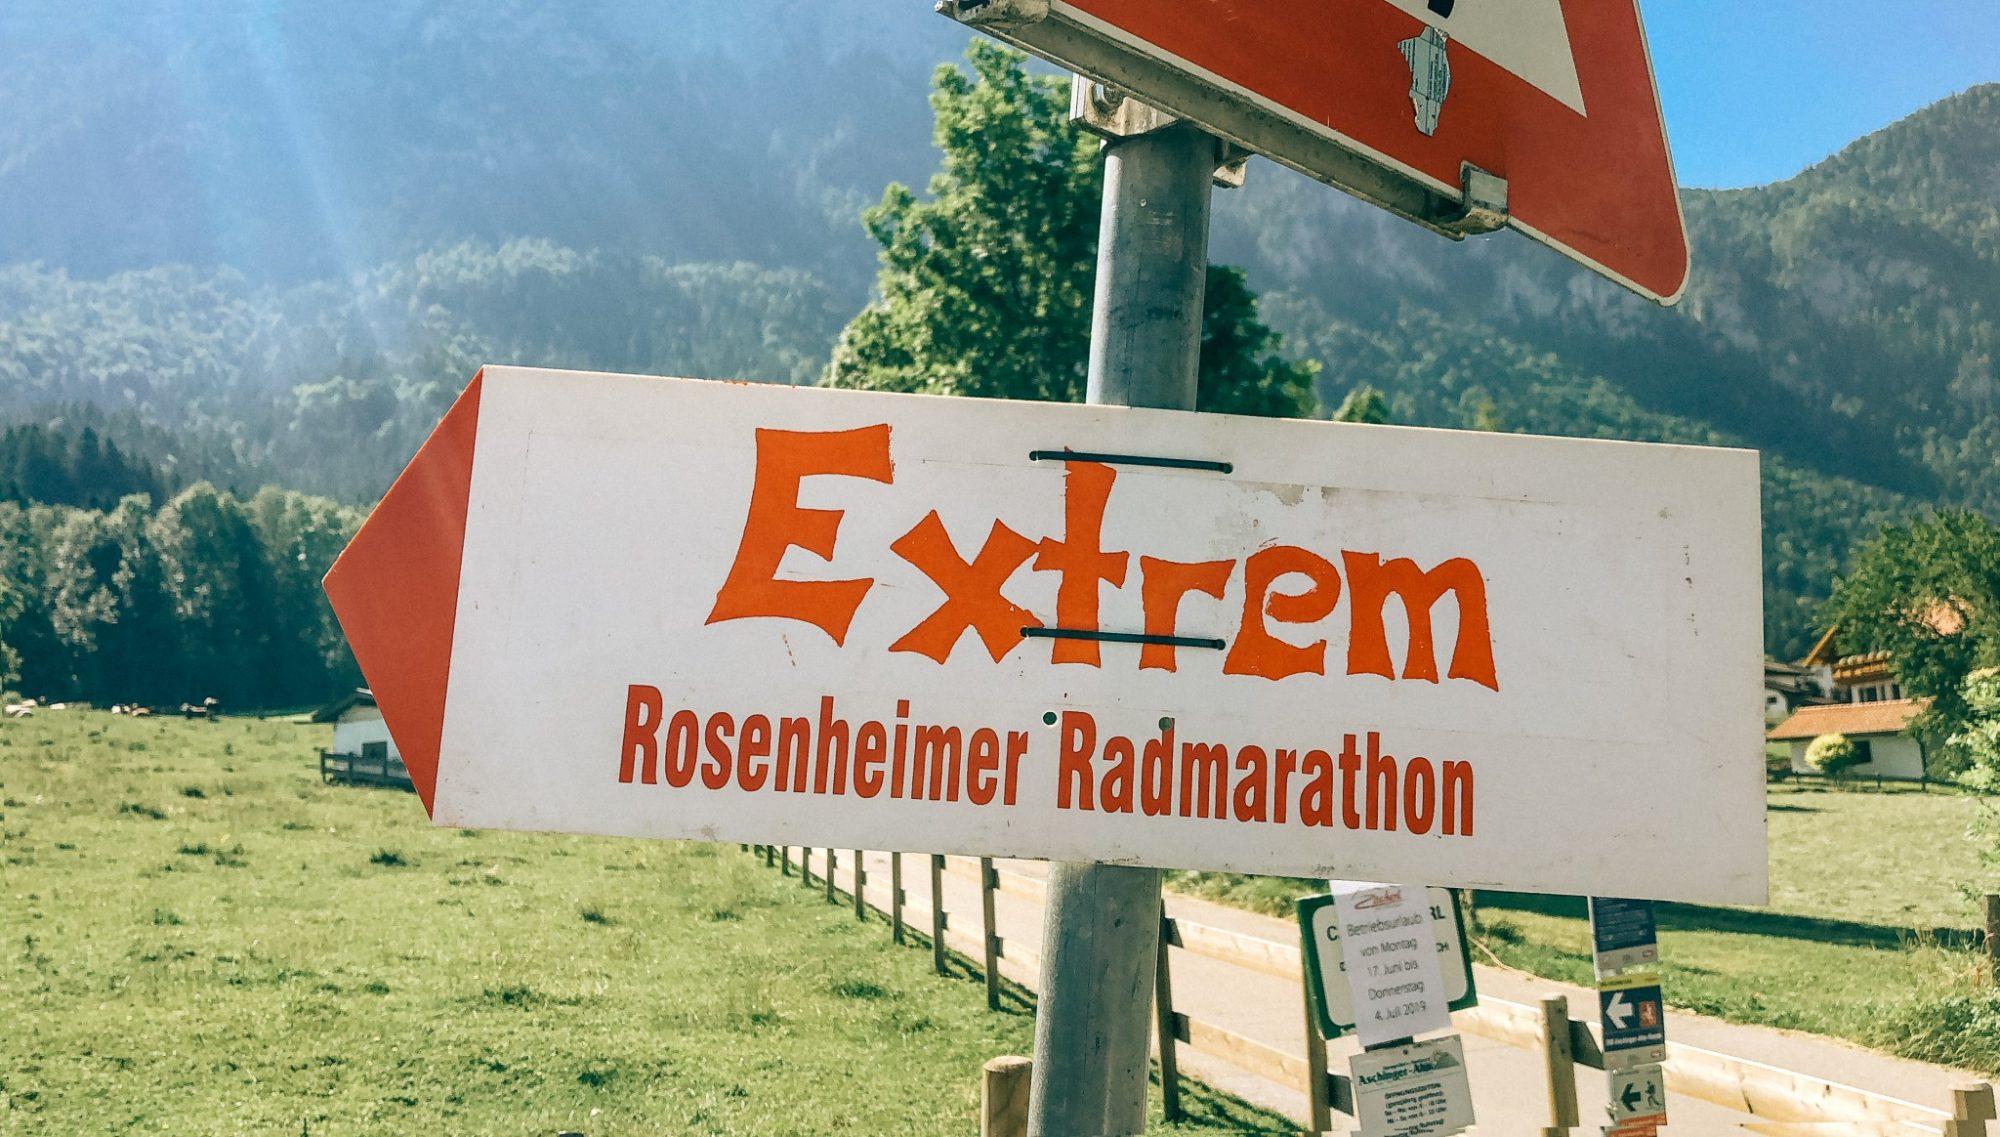 Rosenheim Radmarathon